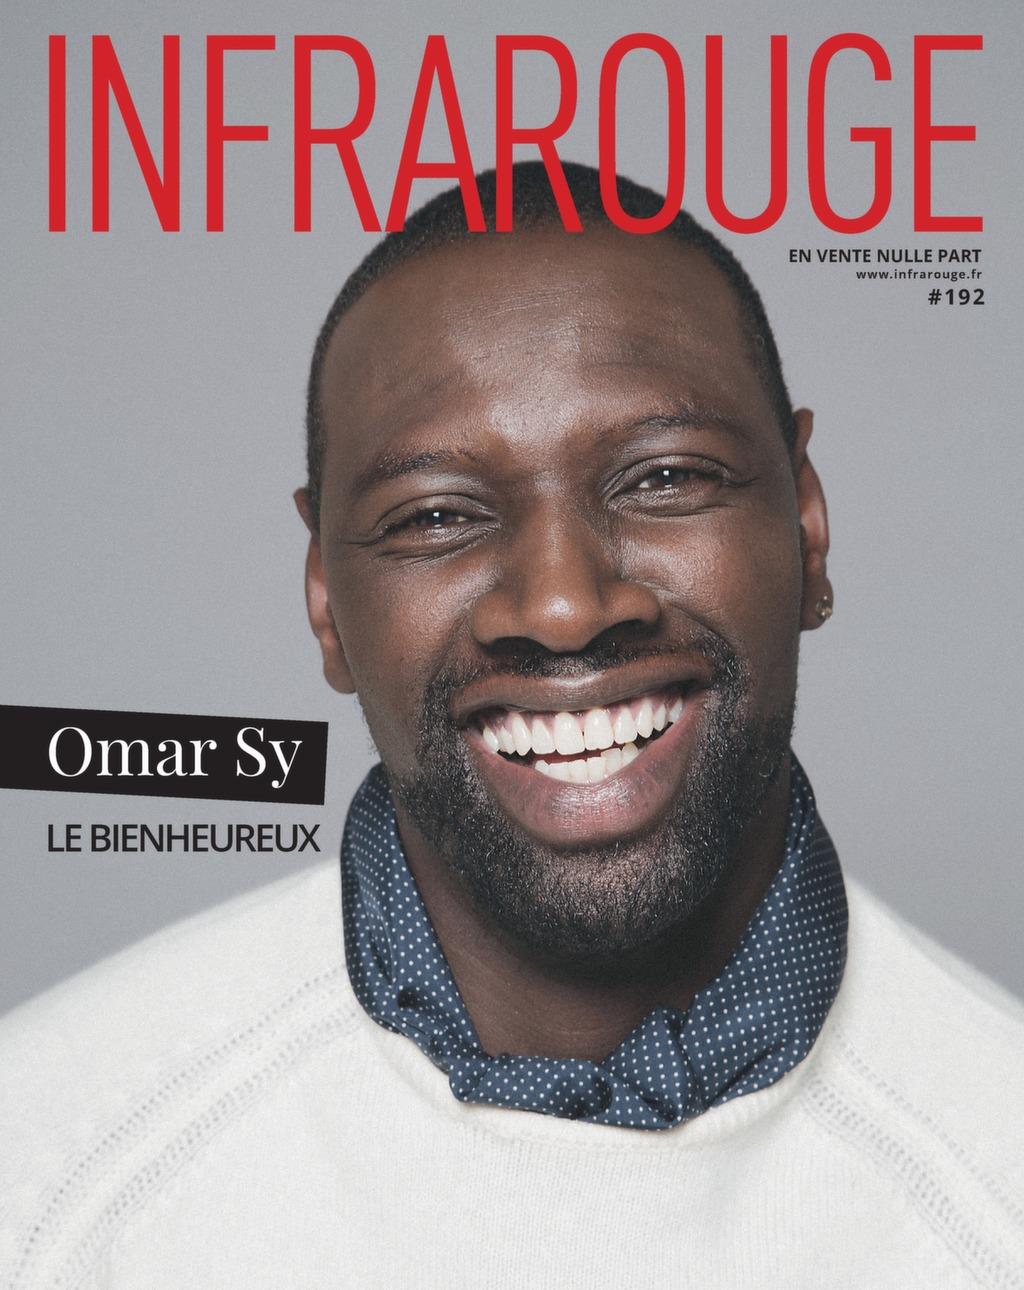 Couverture de magazine du mois de Octobre 2017